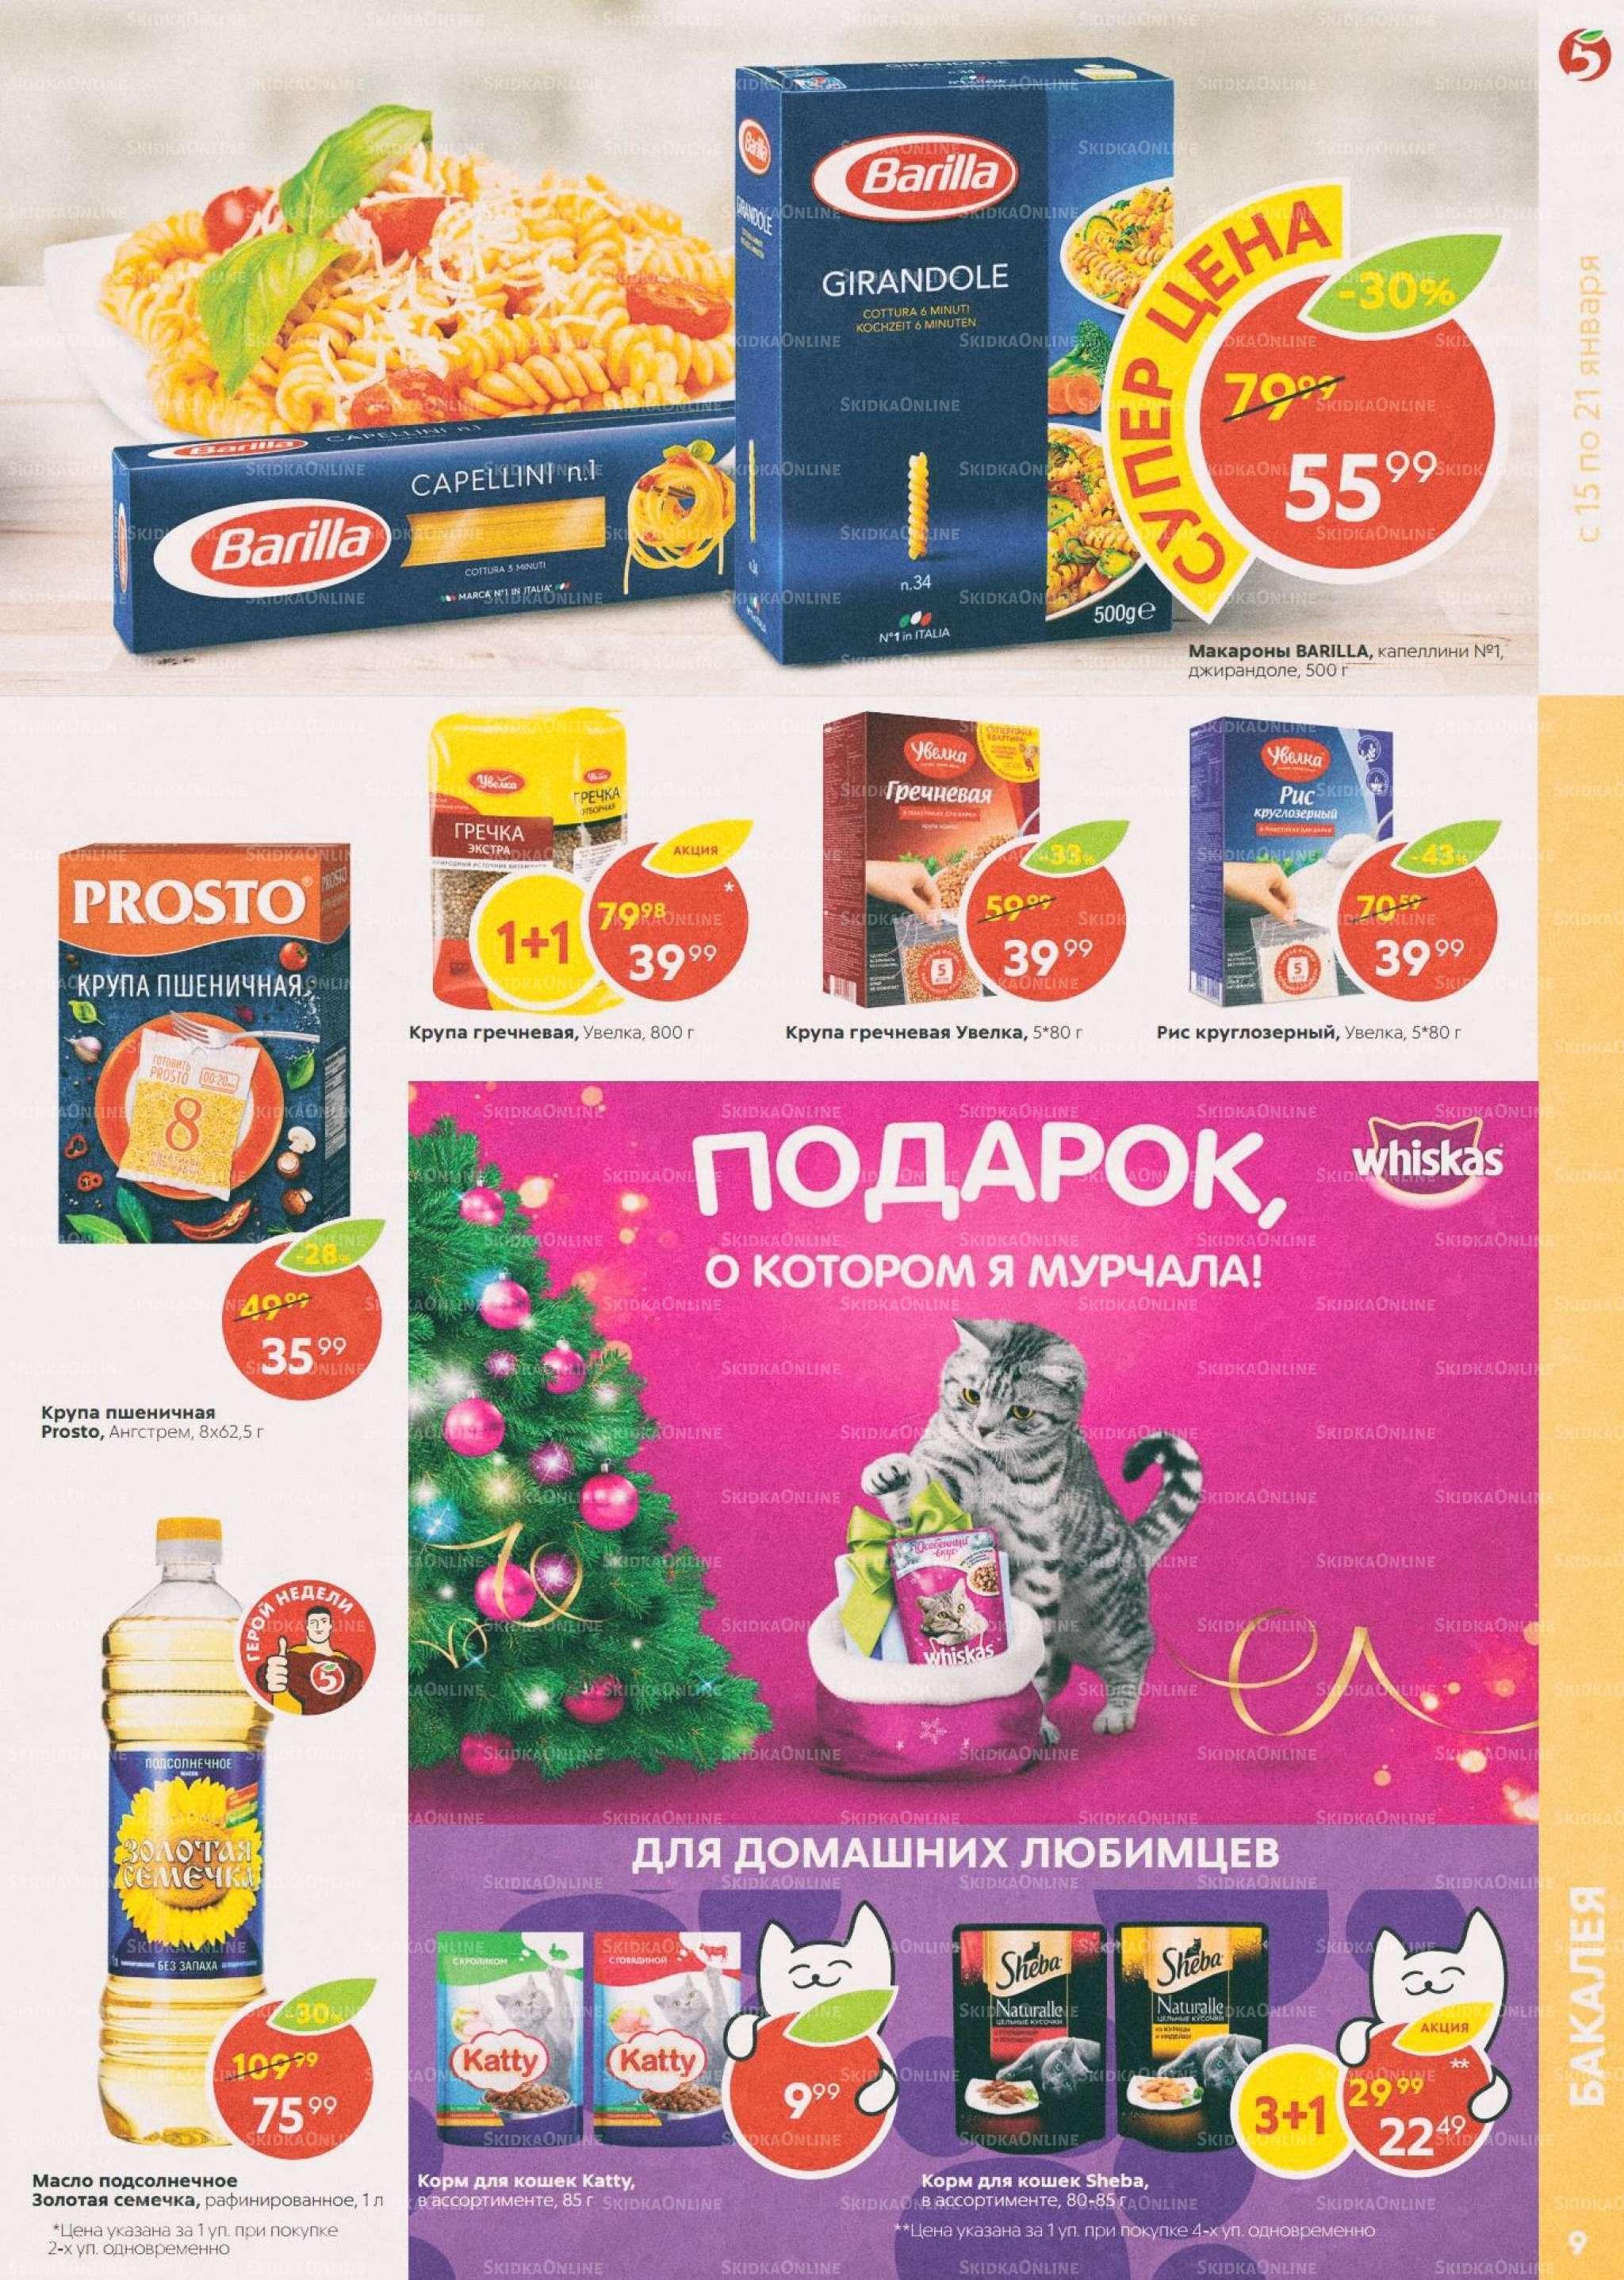 Акции в Пятёрочке с 15 по 21 января 2019 года